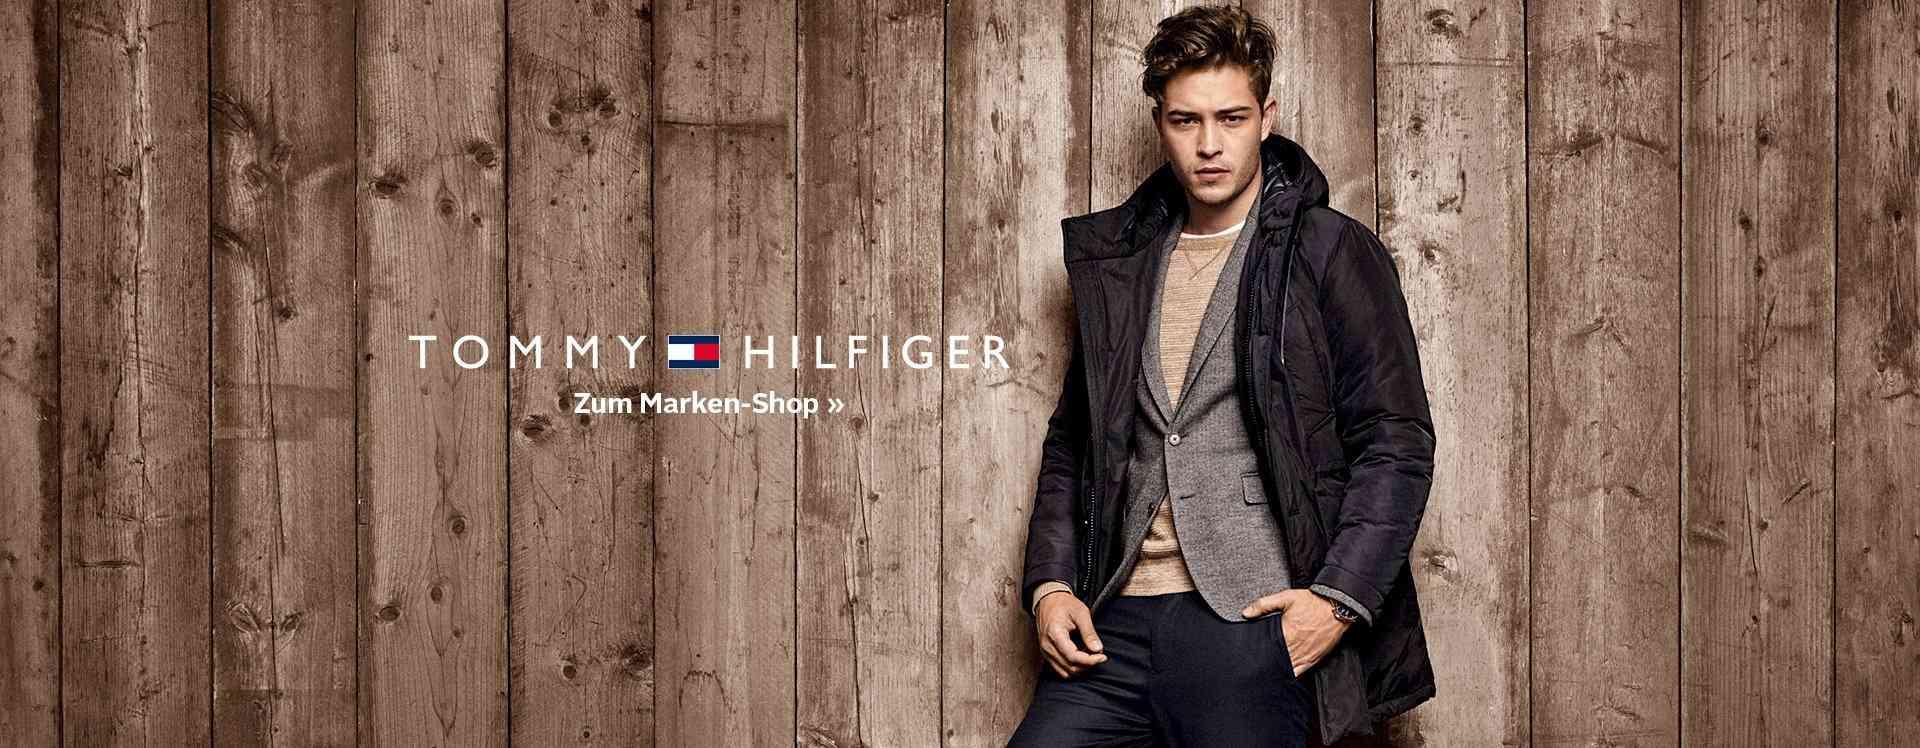 Zur Tommy Hilfiger Herren-Mode